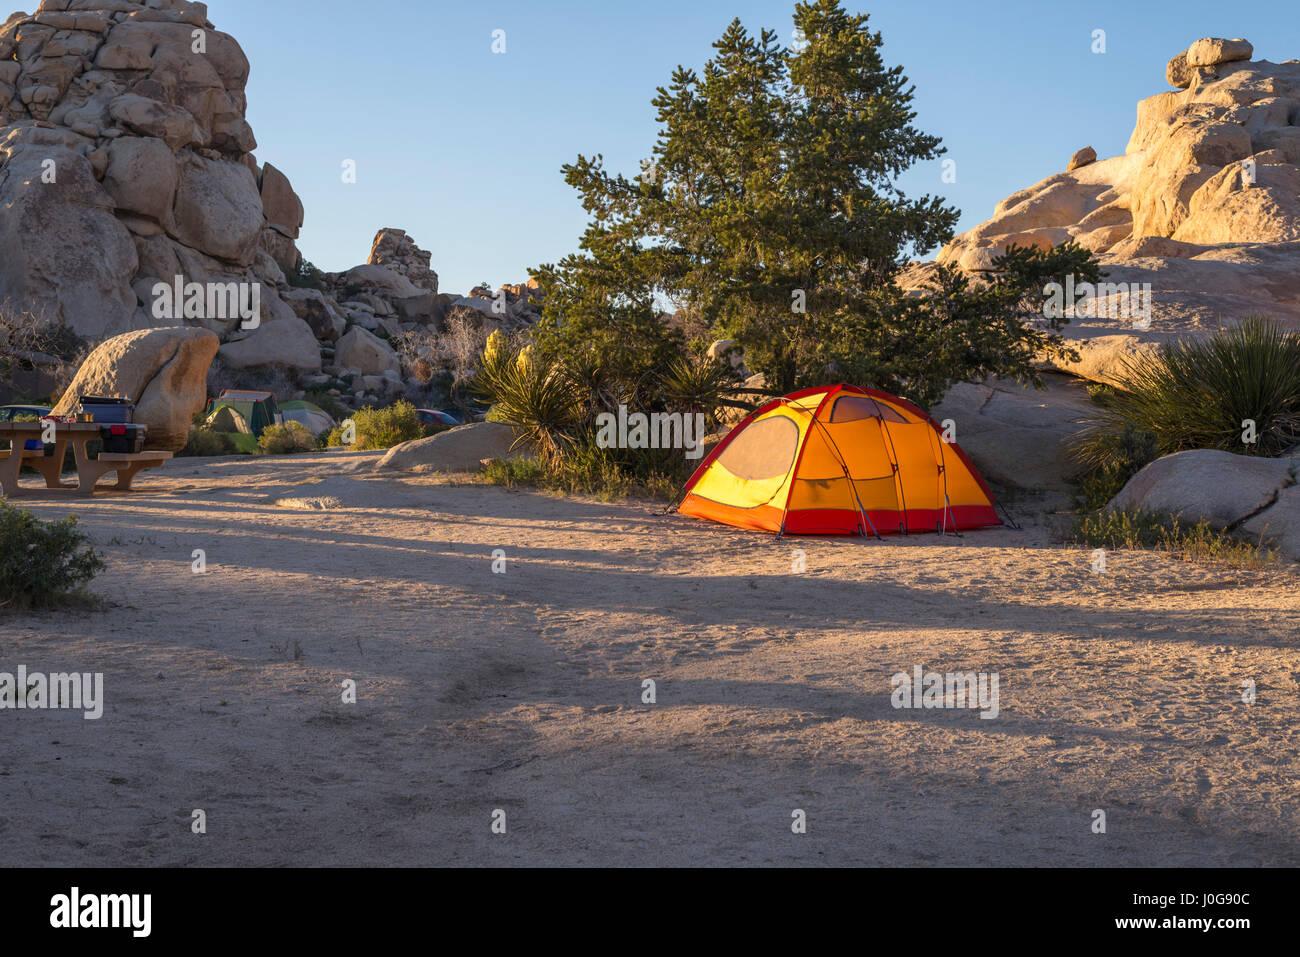 Camping tenda al campeggio area. Joshua Tree National Park, California, Stati Uniti d'America. Immagini Stock